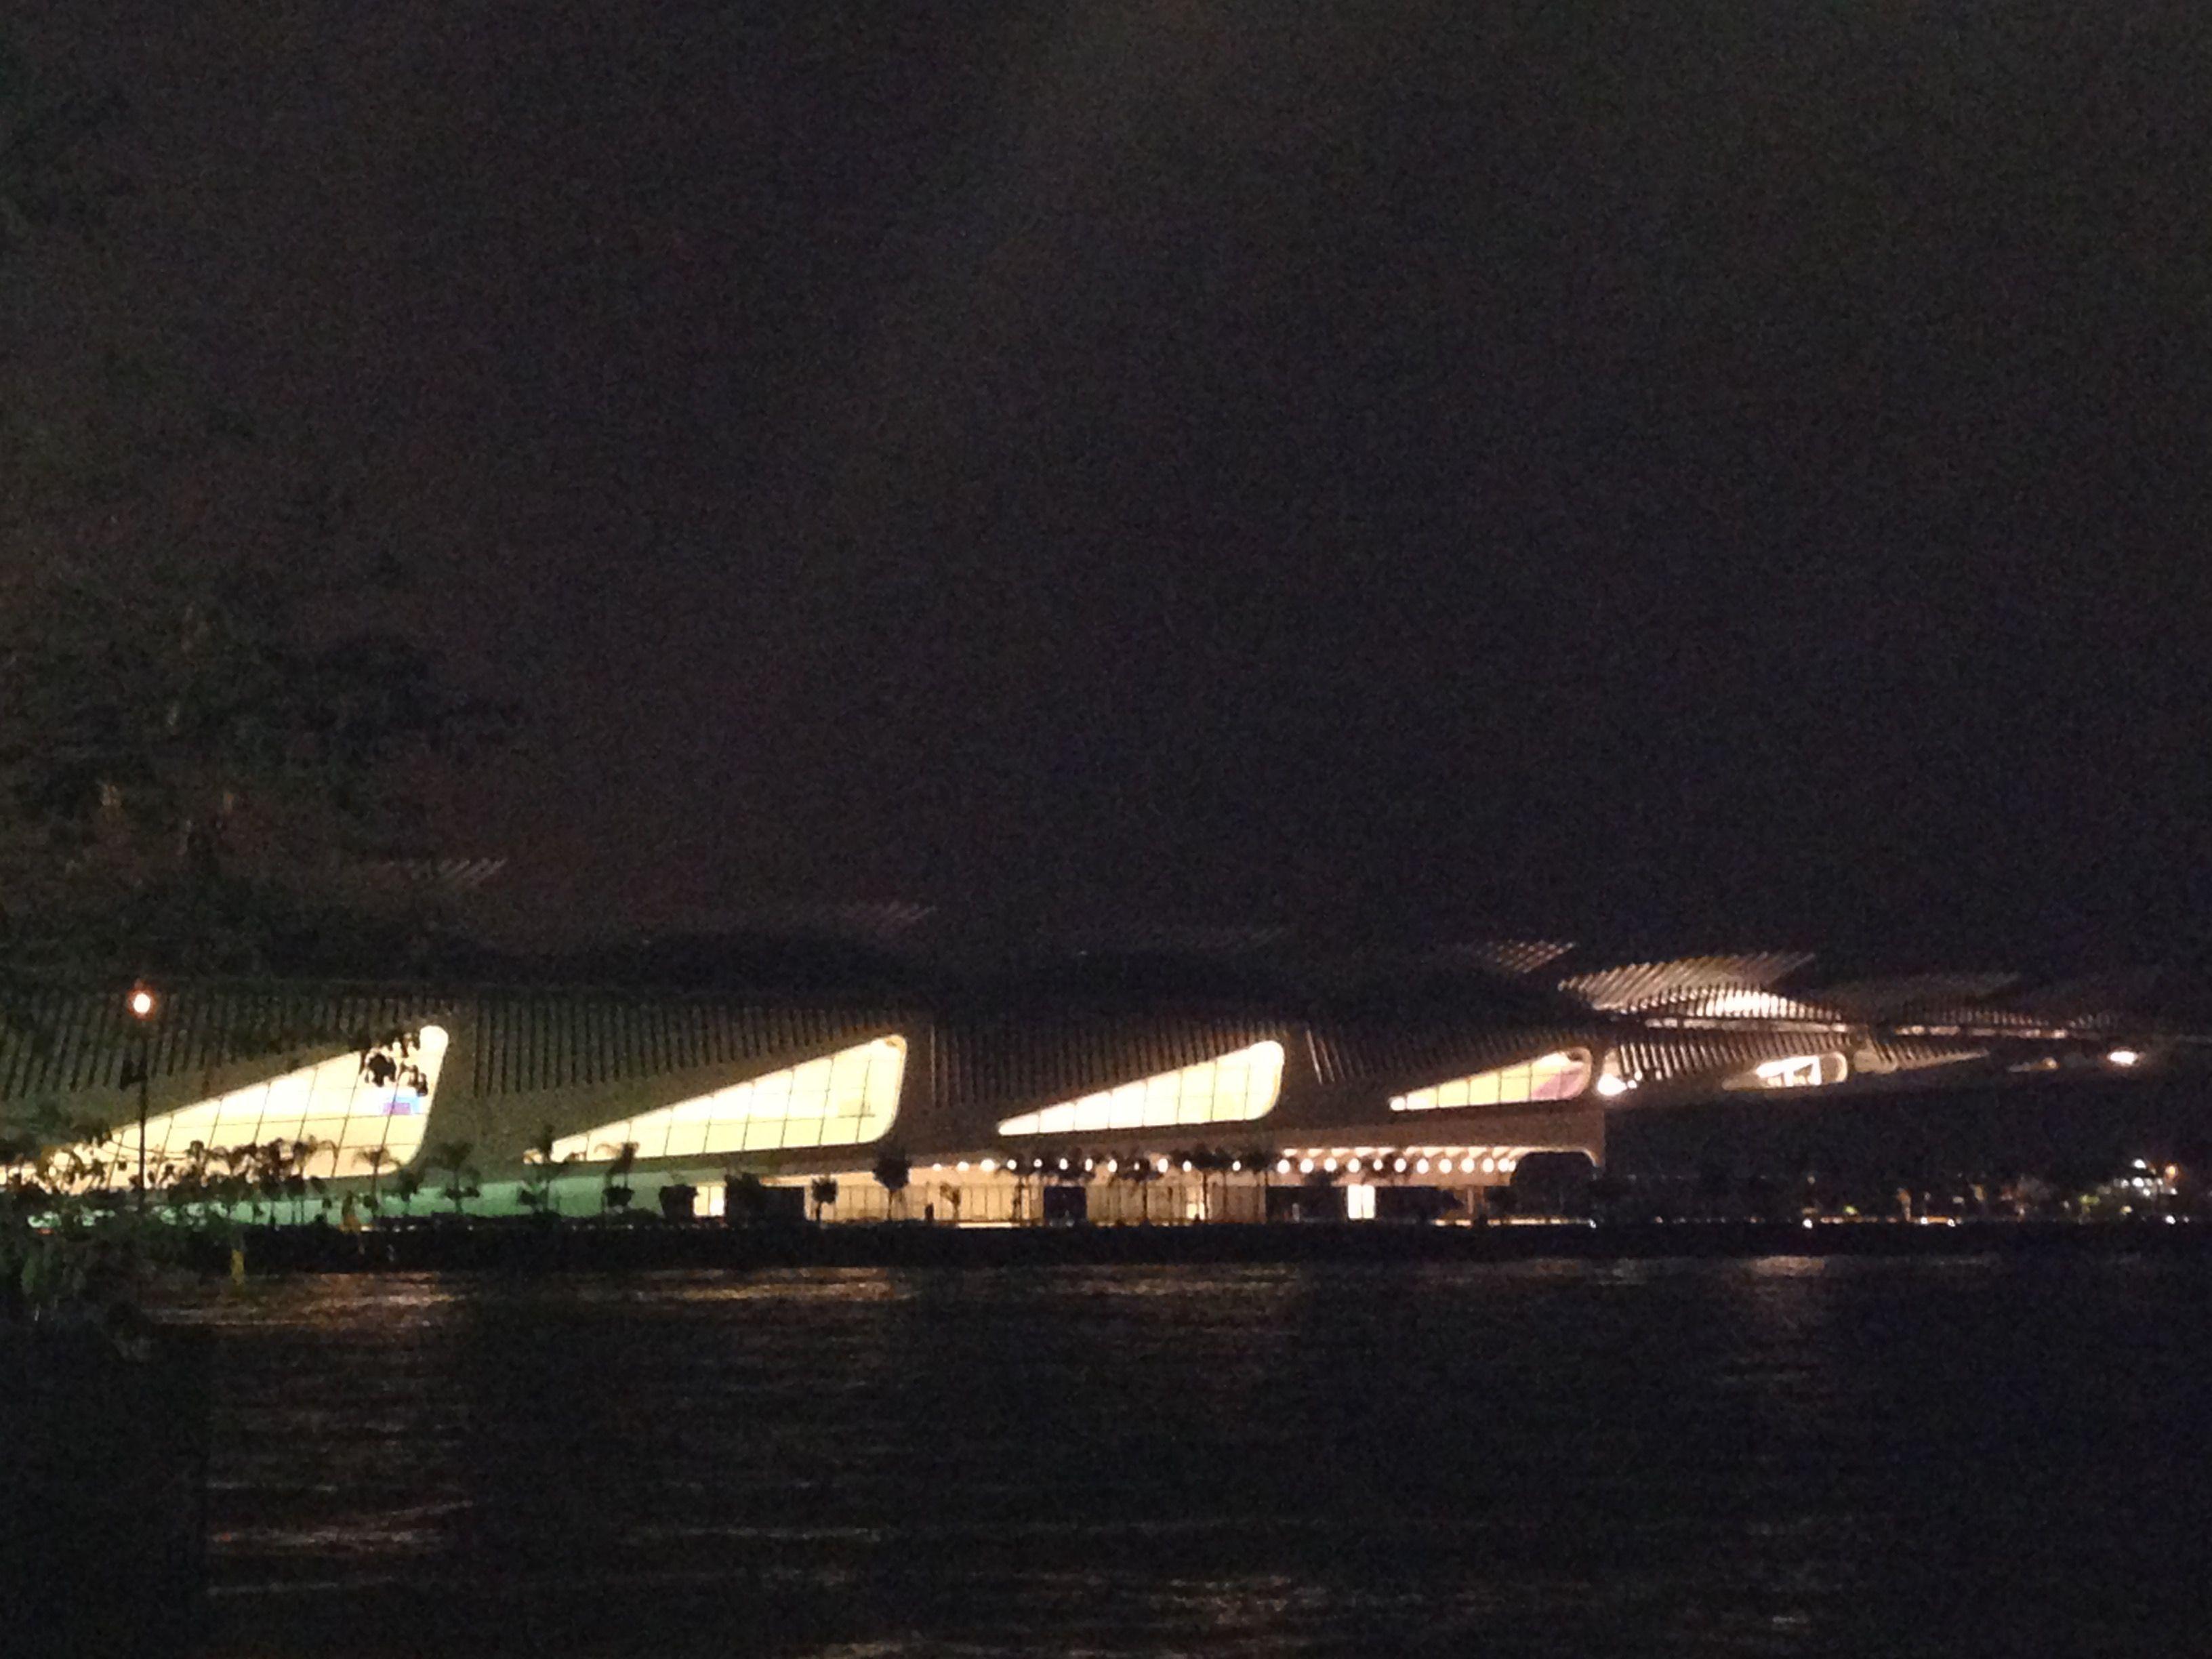 Museu do amanhã, Rio